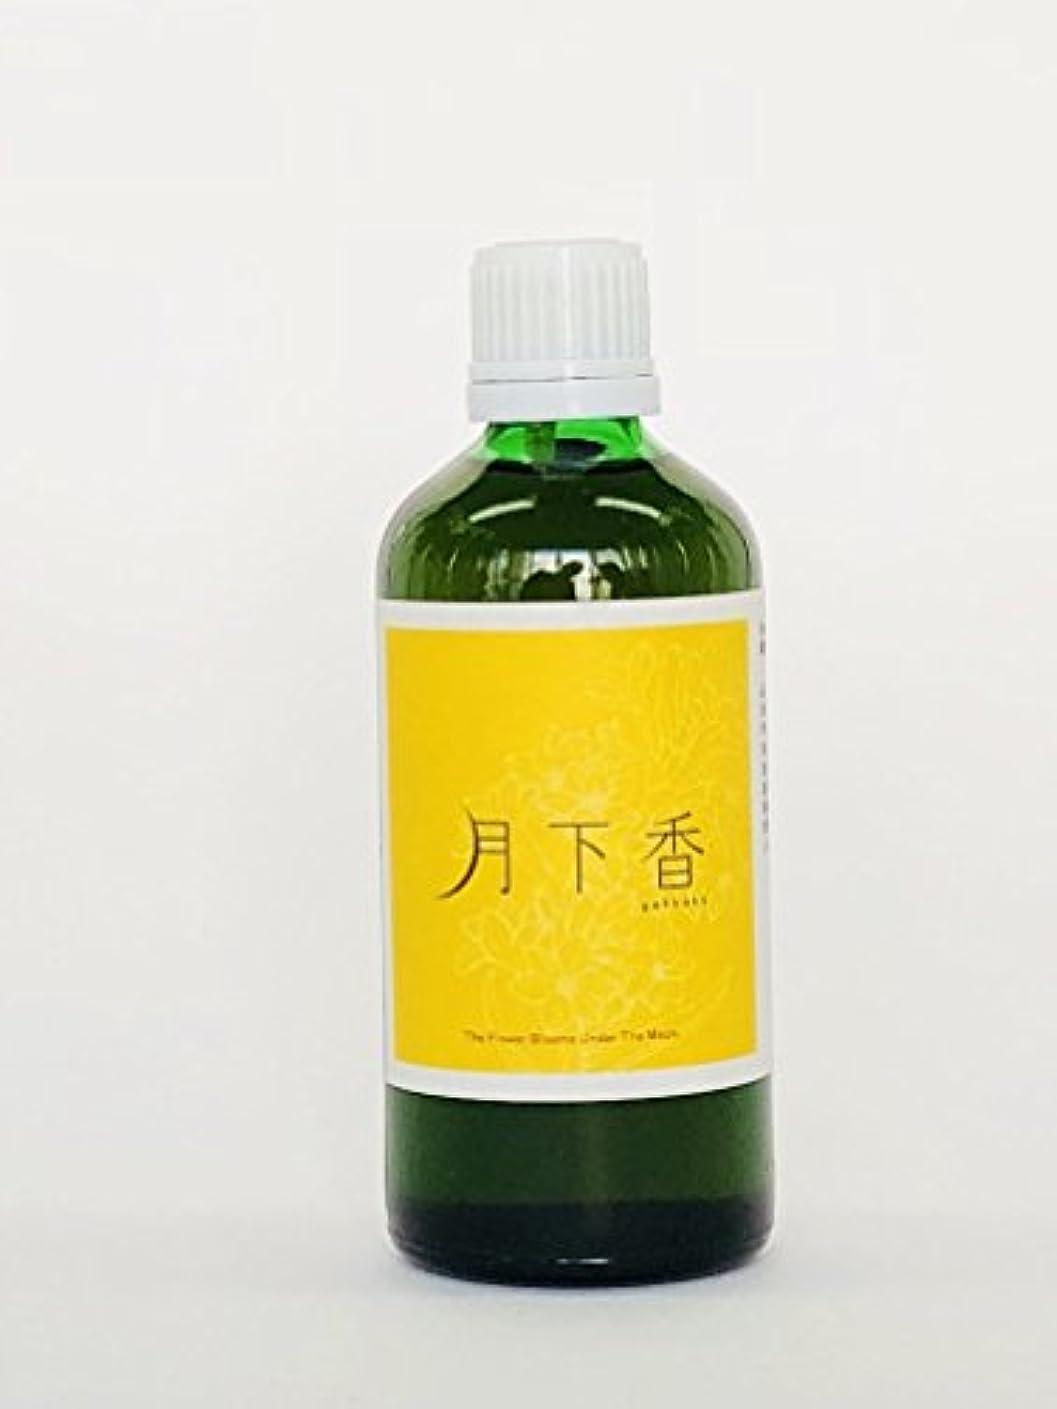 バウンド勝利した機構<月下香>エッセンシャルオイル/アロマ/レモン【100ml】 (100ml)